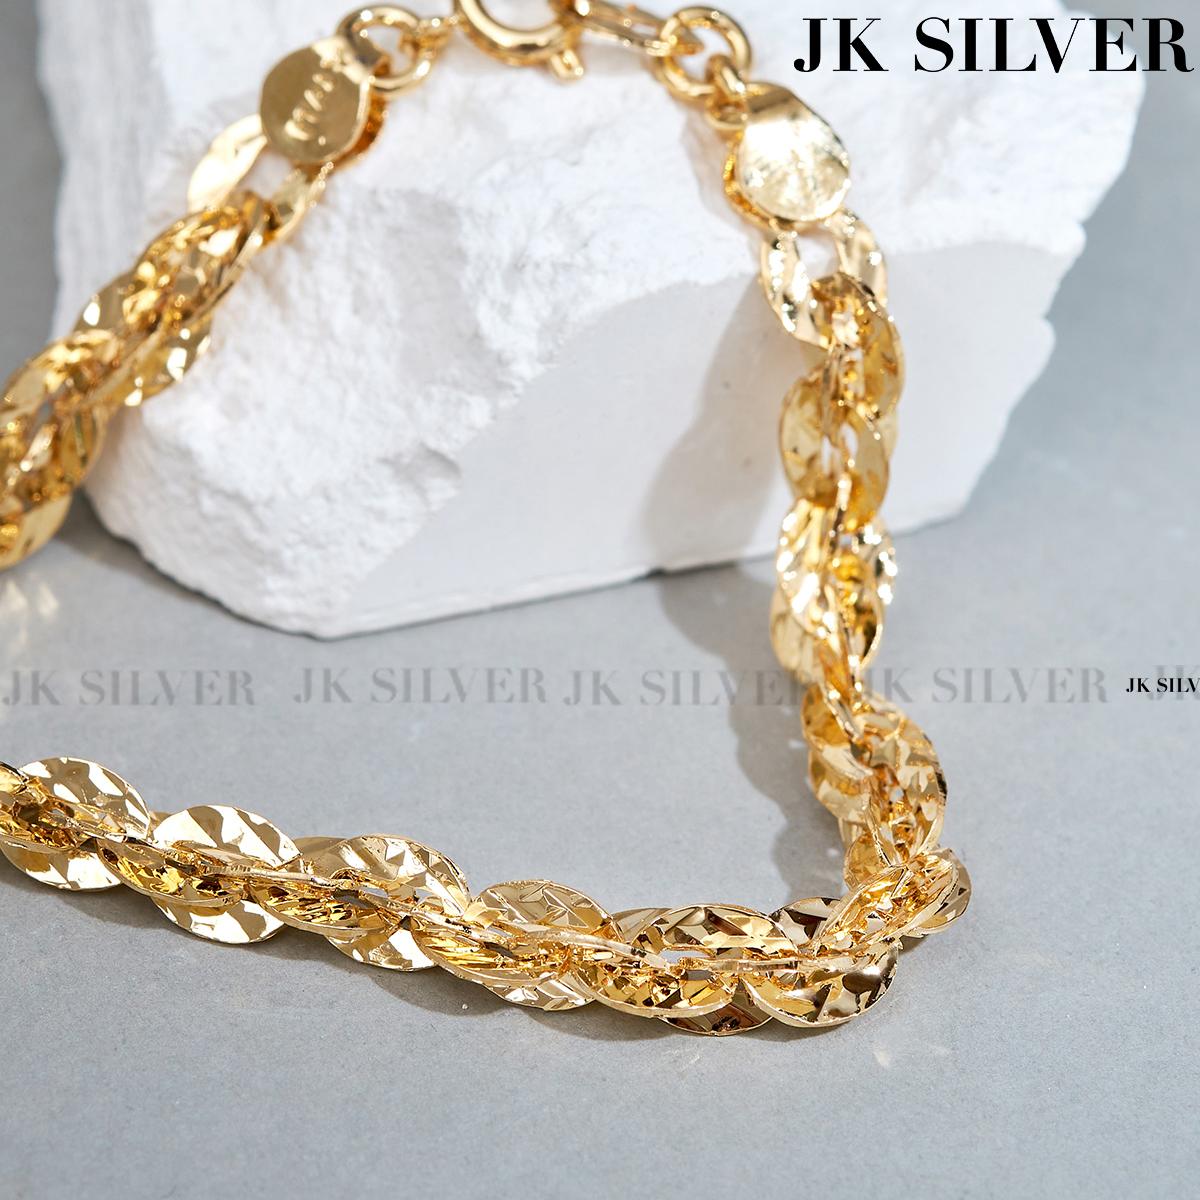 [HCM]Lắc tay bạc nữ dập máy cao cấp mạ vàng thật 18K hoặc mạc bạch kim JK Silver kiểu dáng khắc máy tinh xảo cao cấp U.vong249 - vòng tay miễn phí ship